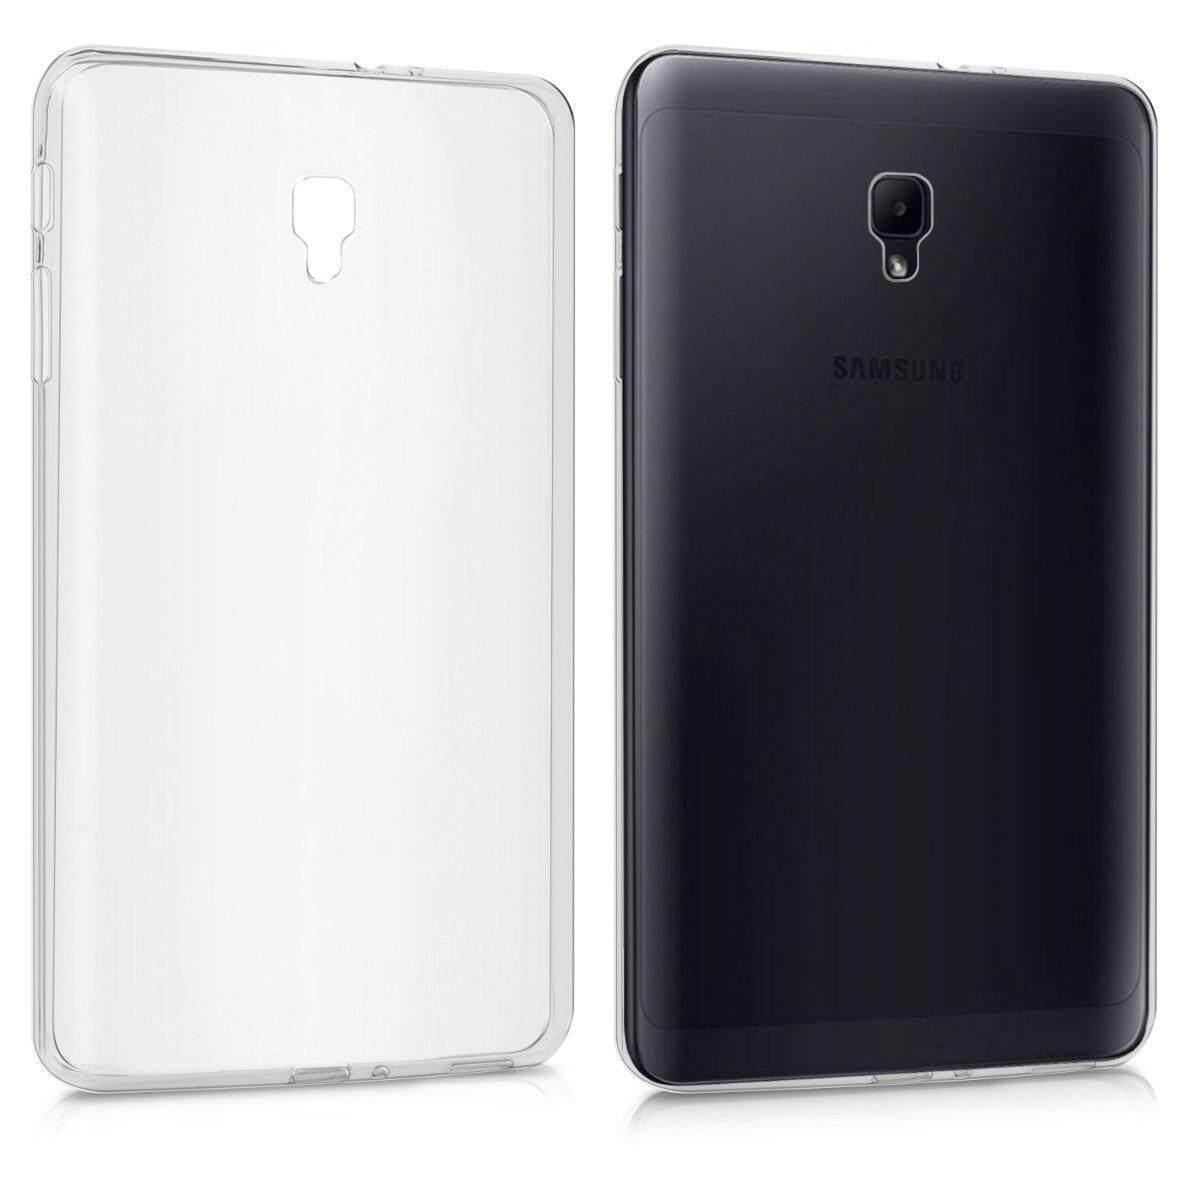 9fda9f70f03 Crystal Case for Samsung Galaxy Tab A 8.0 (2017) T380 T385 TPU Silicone